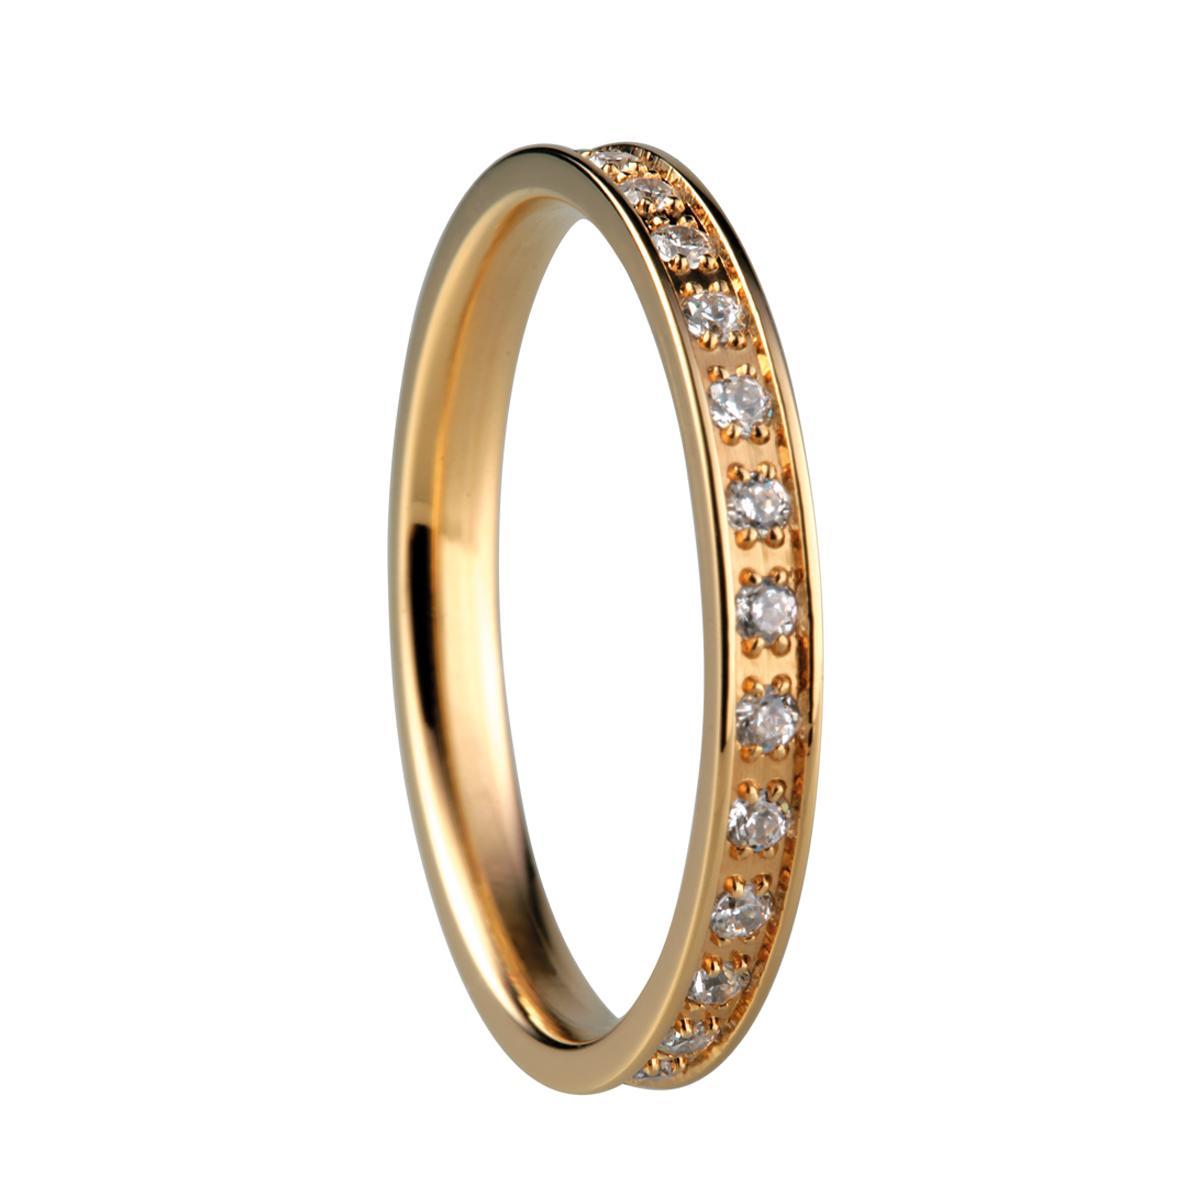 Bering Inner Ring 5562761 1